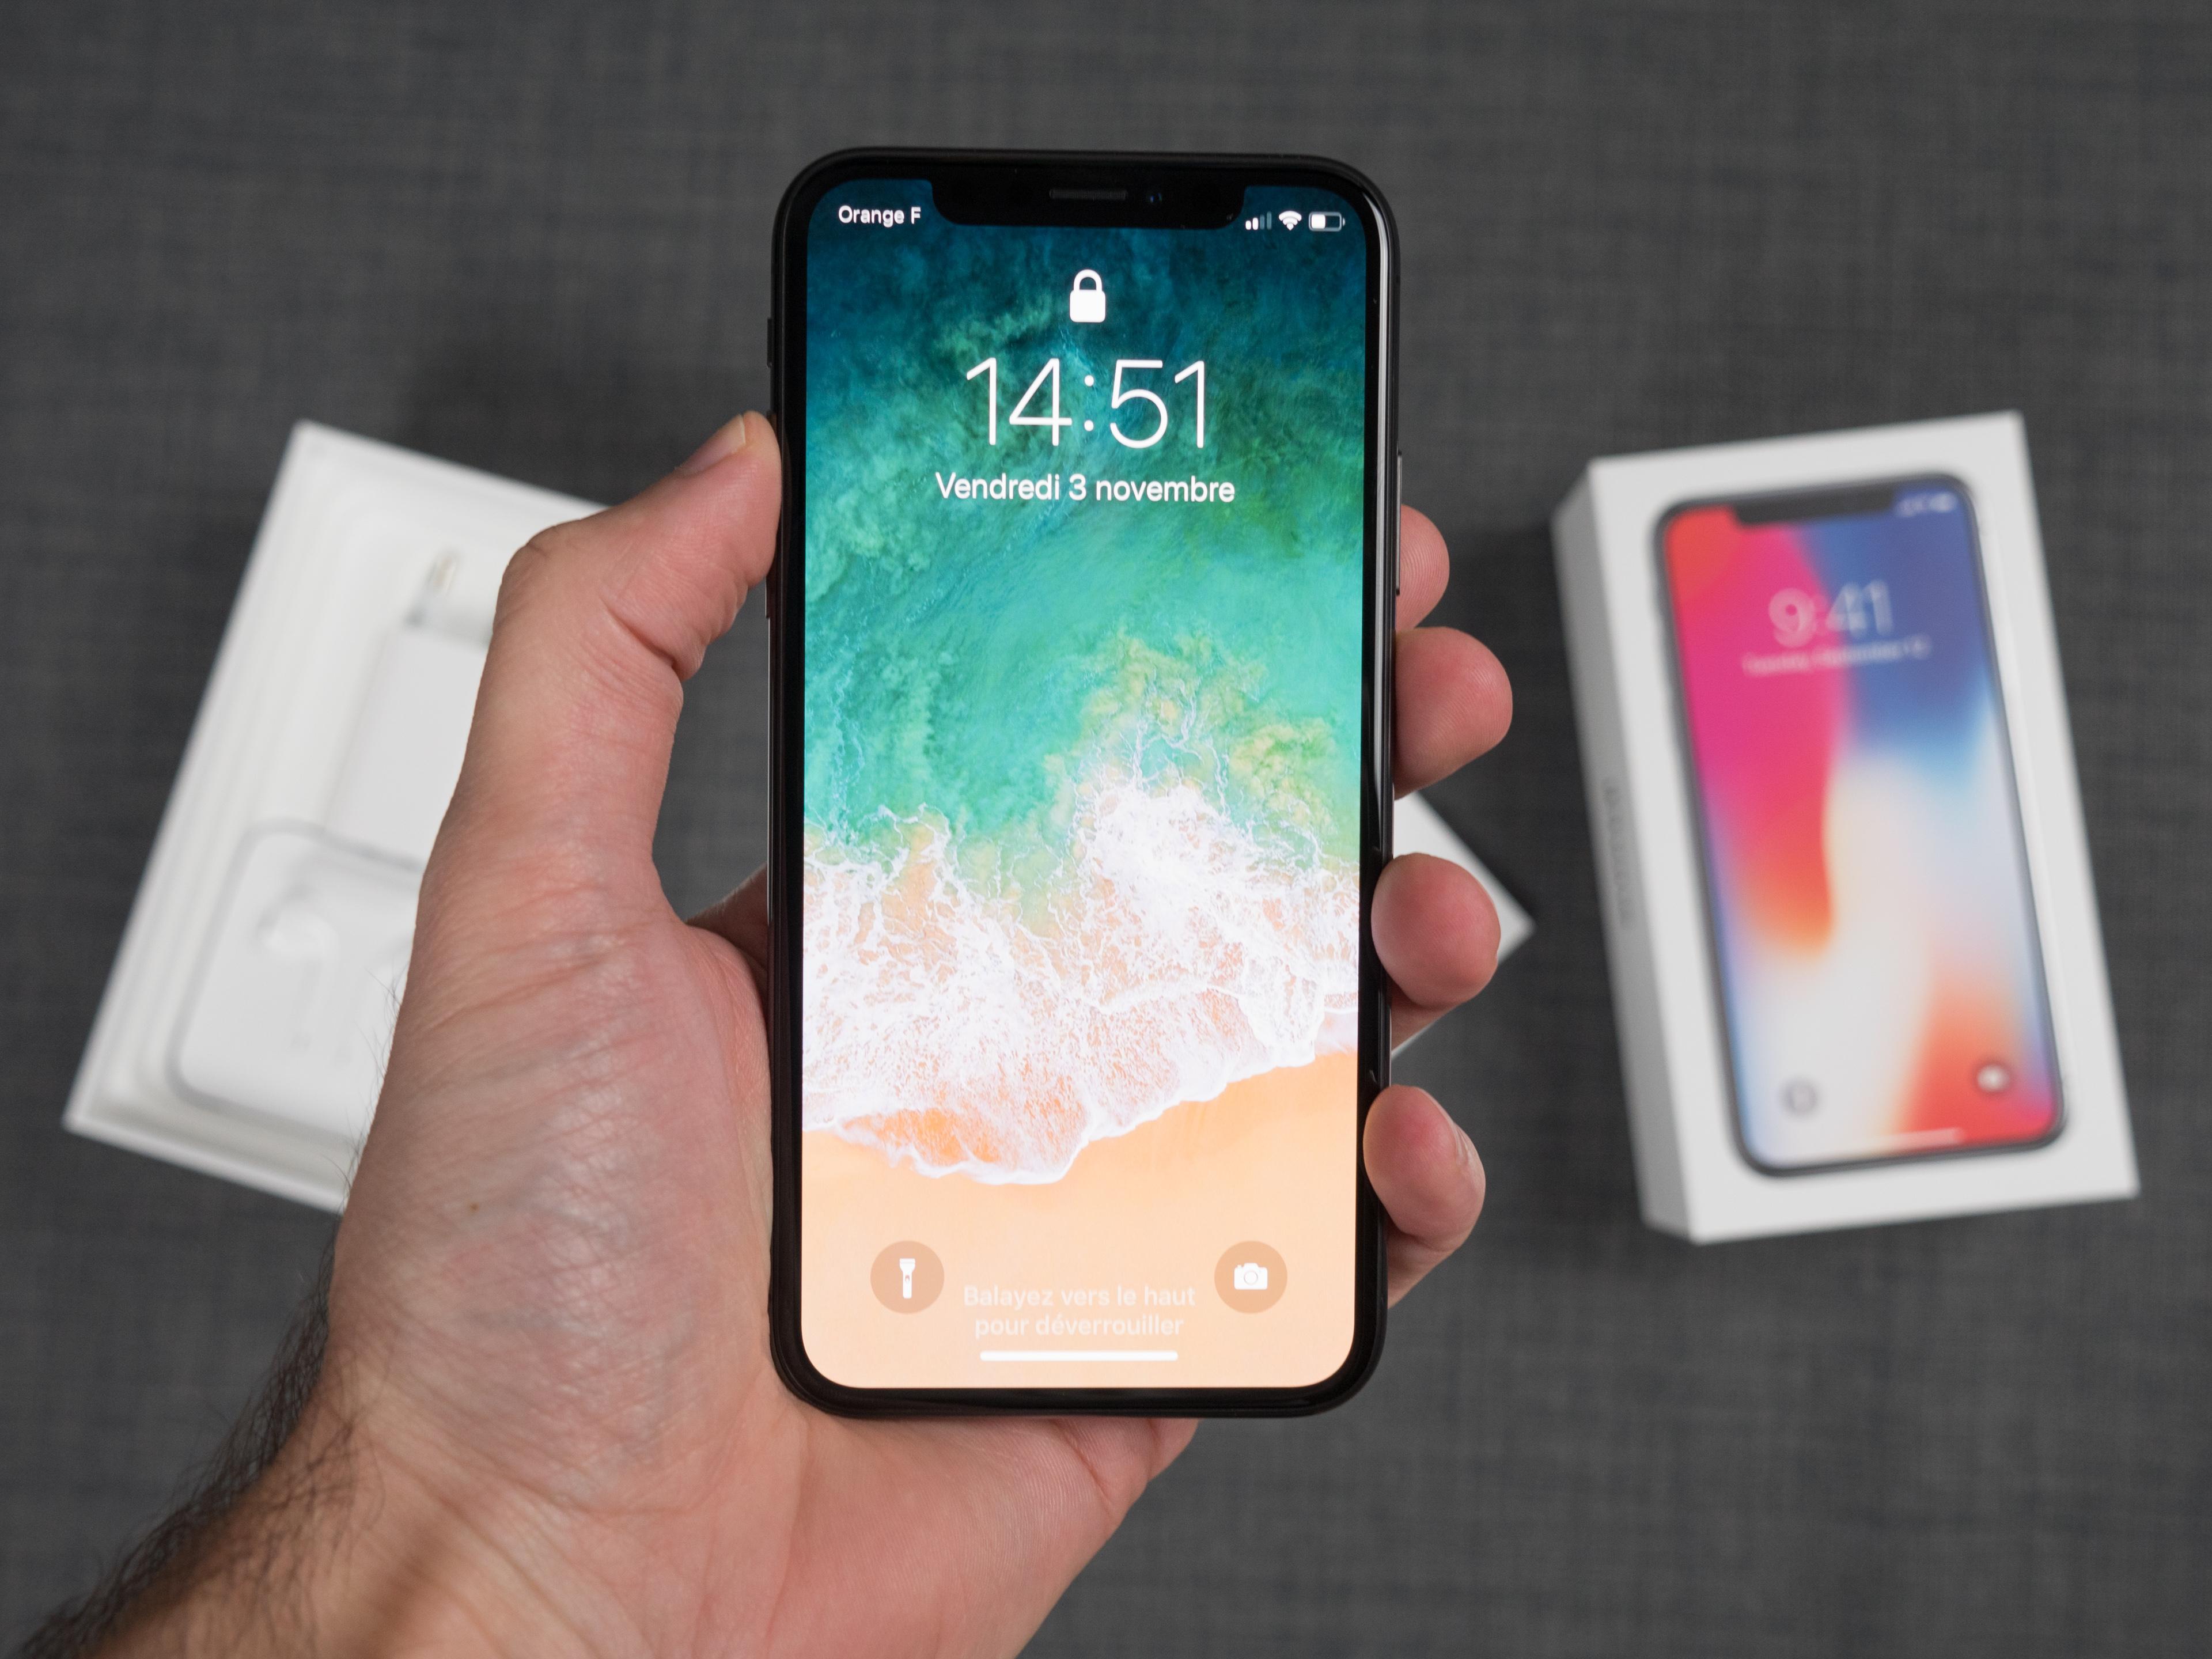 🔥 Bon plan : l'iPhone X est à 916 euros au lieu de 1159 euros avec ce code promo